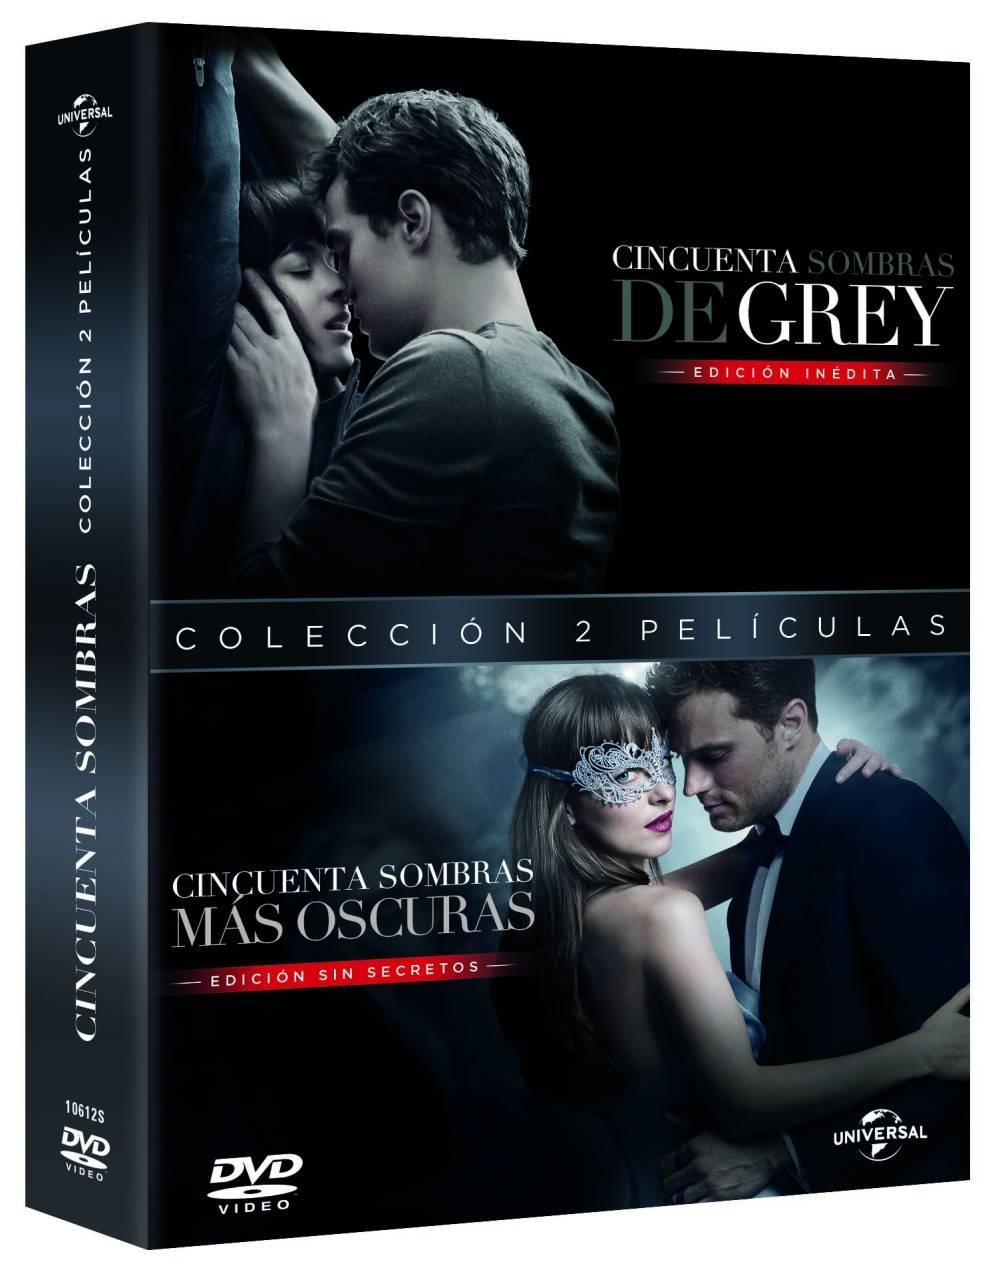 Pack: Cincuenta Sombras De Grey + Cincuenta Sombras Mas Oscuras ...